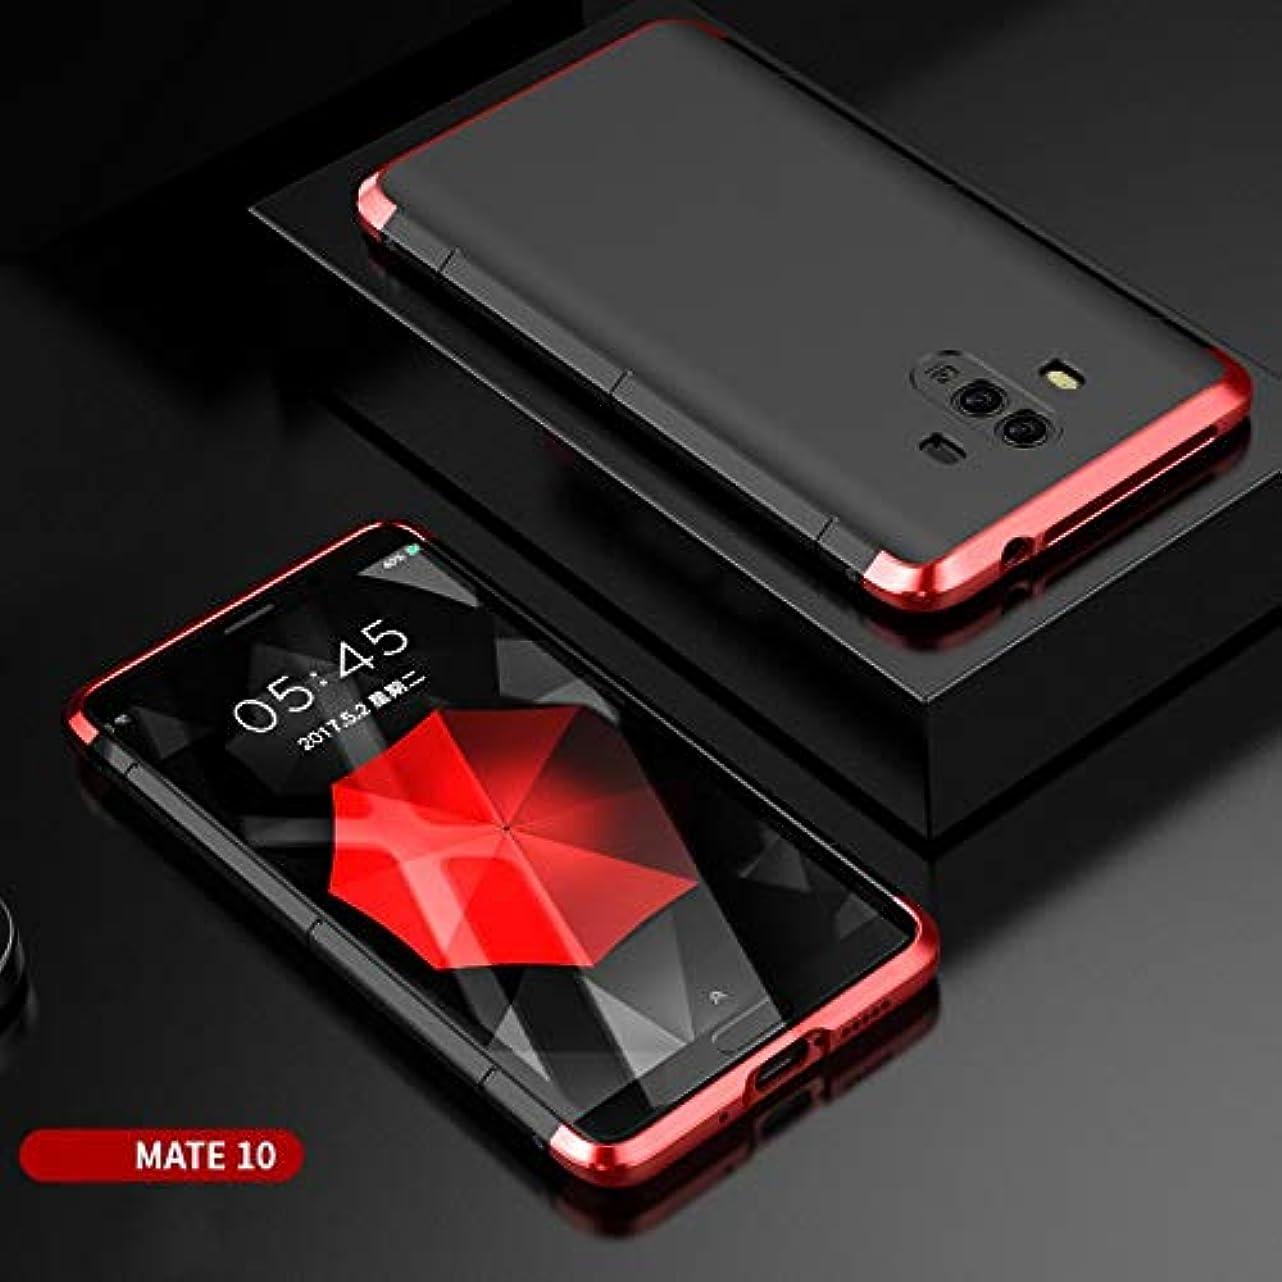 コンサルタント義務そのようなJicorzo - Huawei社メイト10 Coqueのために華為メイト10電話ケース耐衝撃バンパーフレームシェルのためにファッションメタル+ PC電話裏表紙